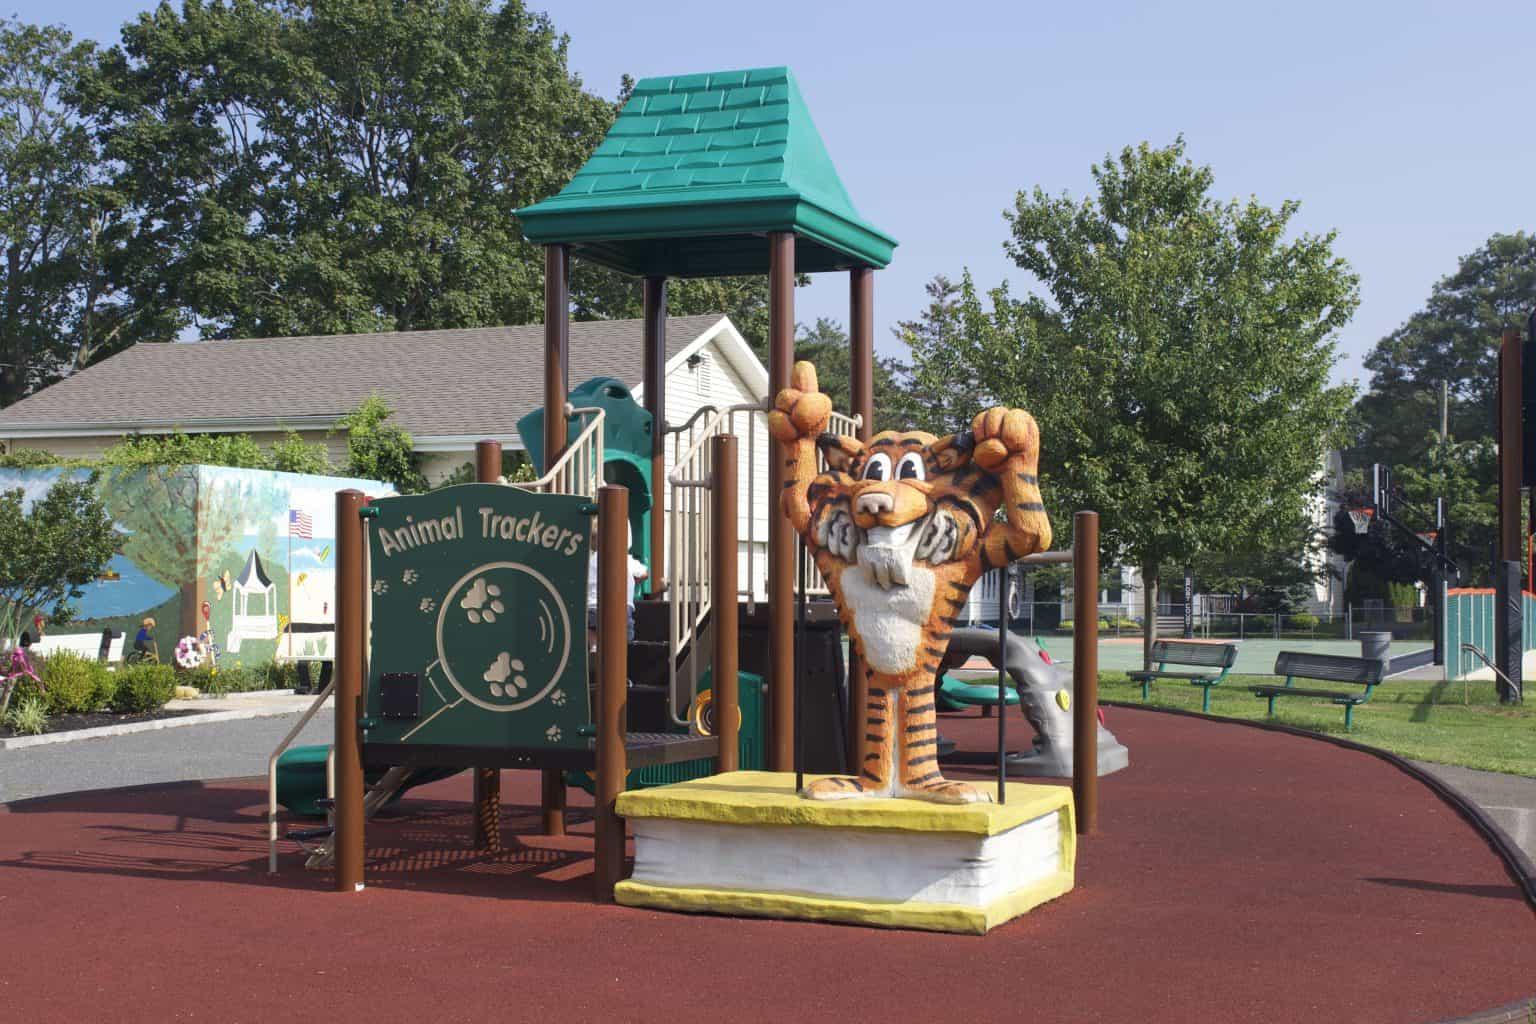 mountz-elementary-playground-spring-lake-nj_11654079024_o-1536x1024